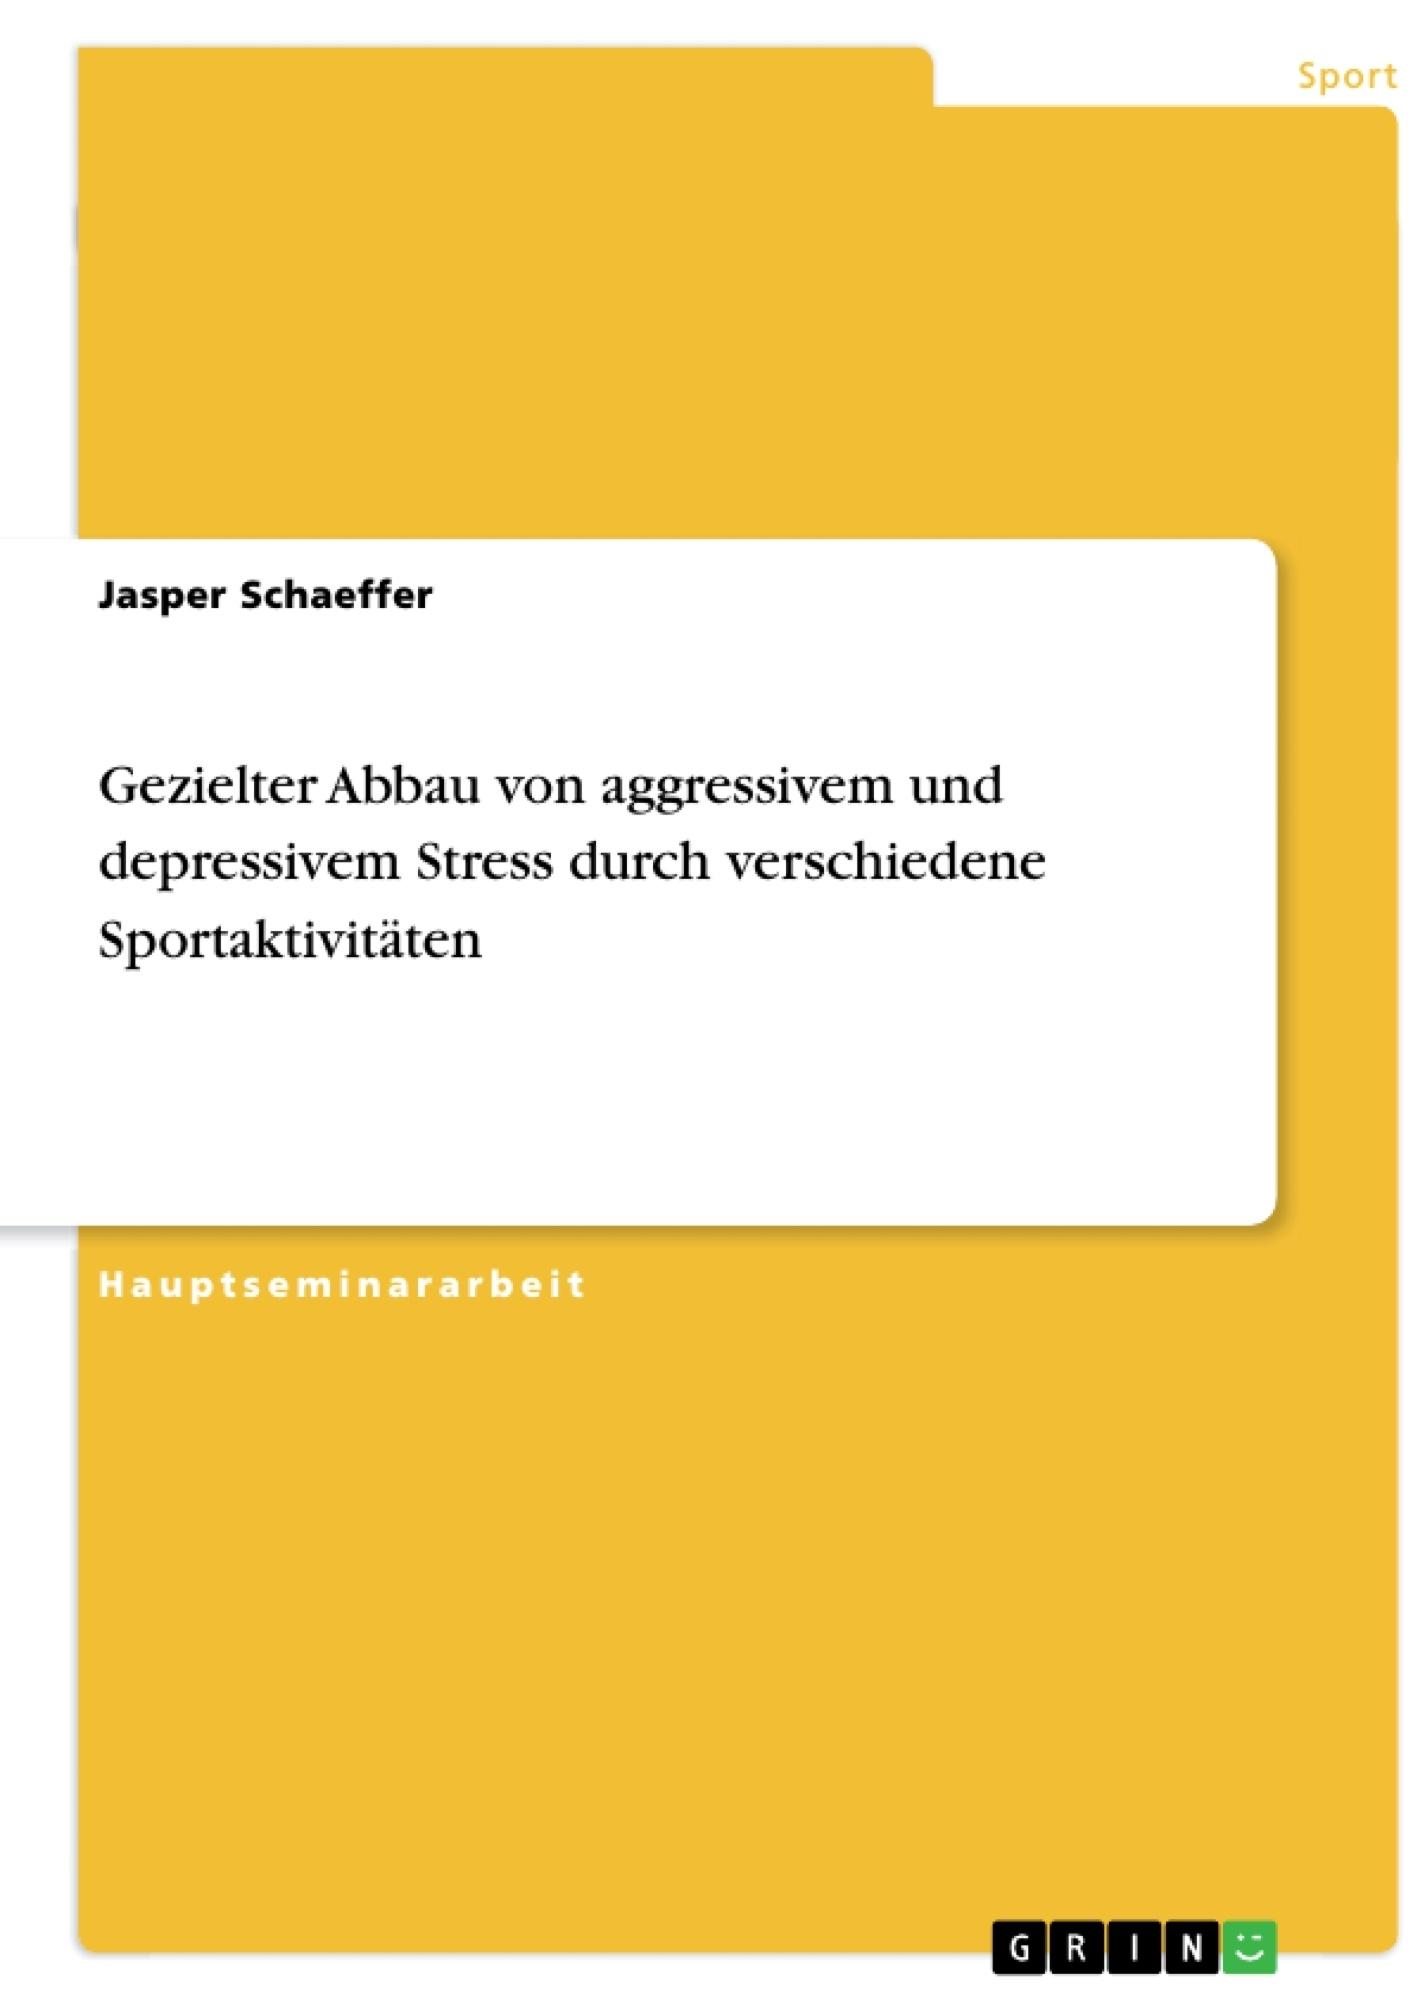 Titel: Gezielter Abbau von aggressivem und depressivem Stress durch verschiedene Sportaktivitäten